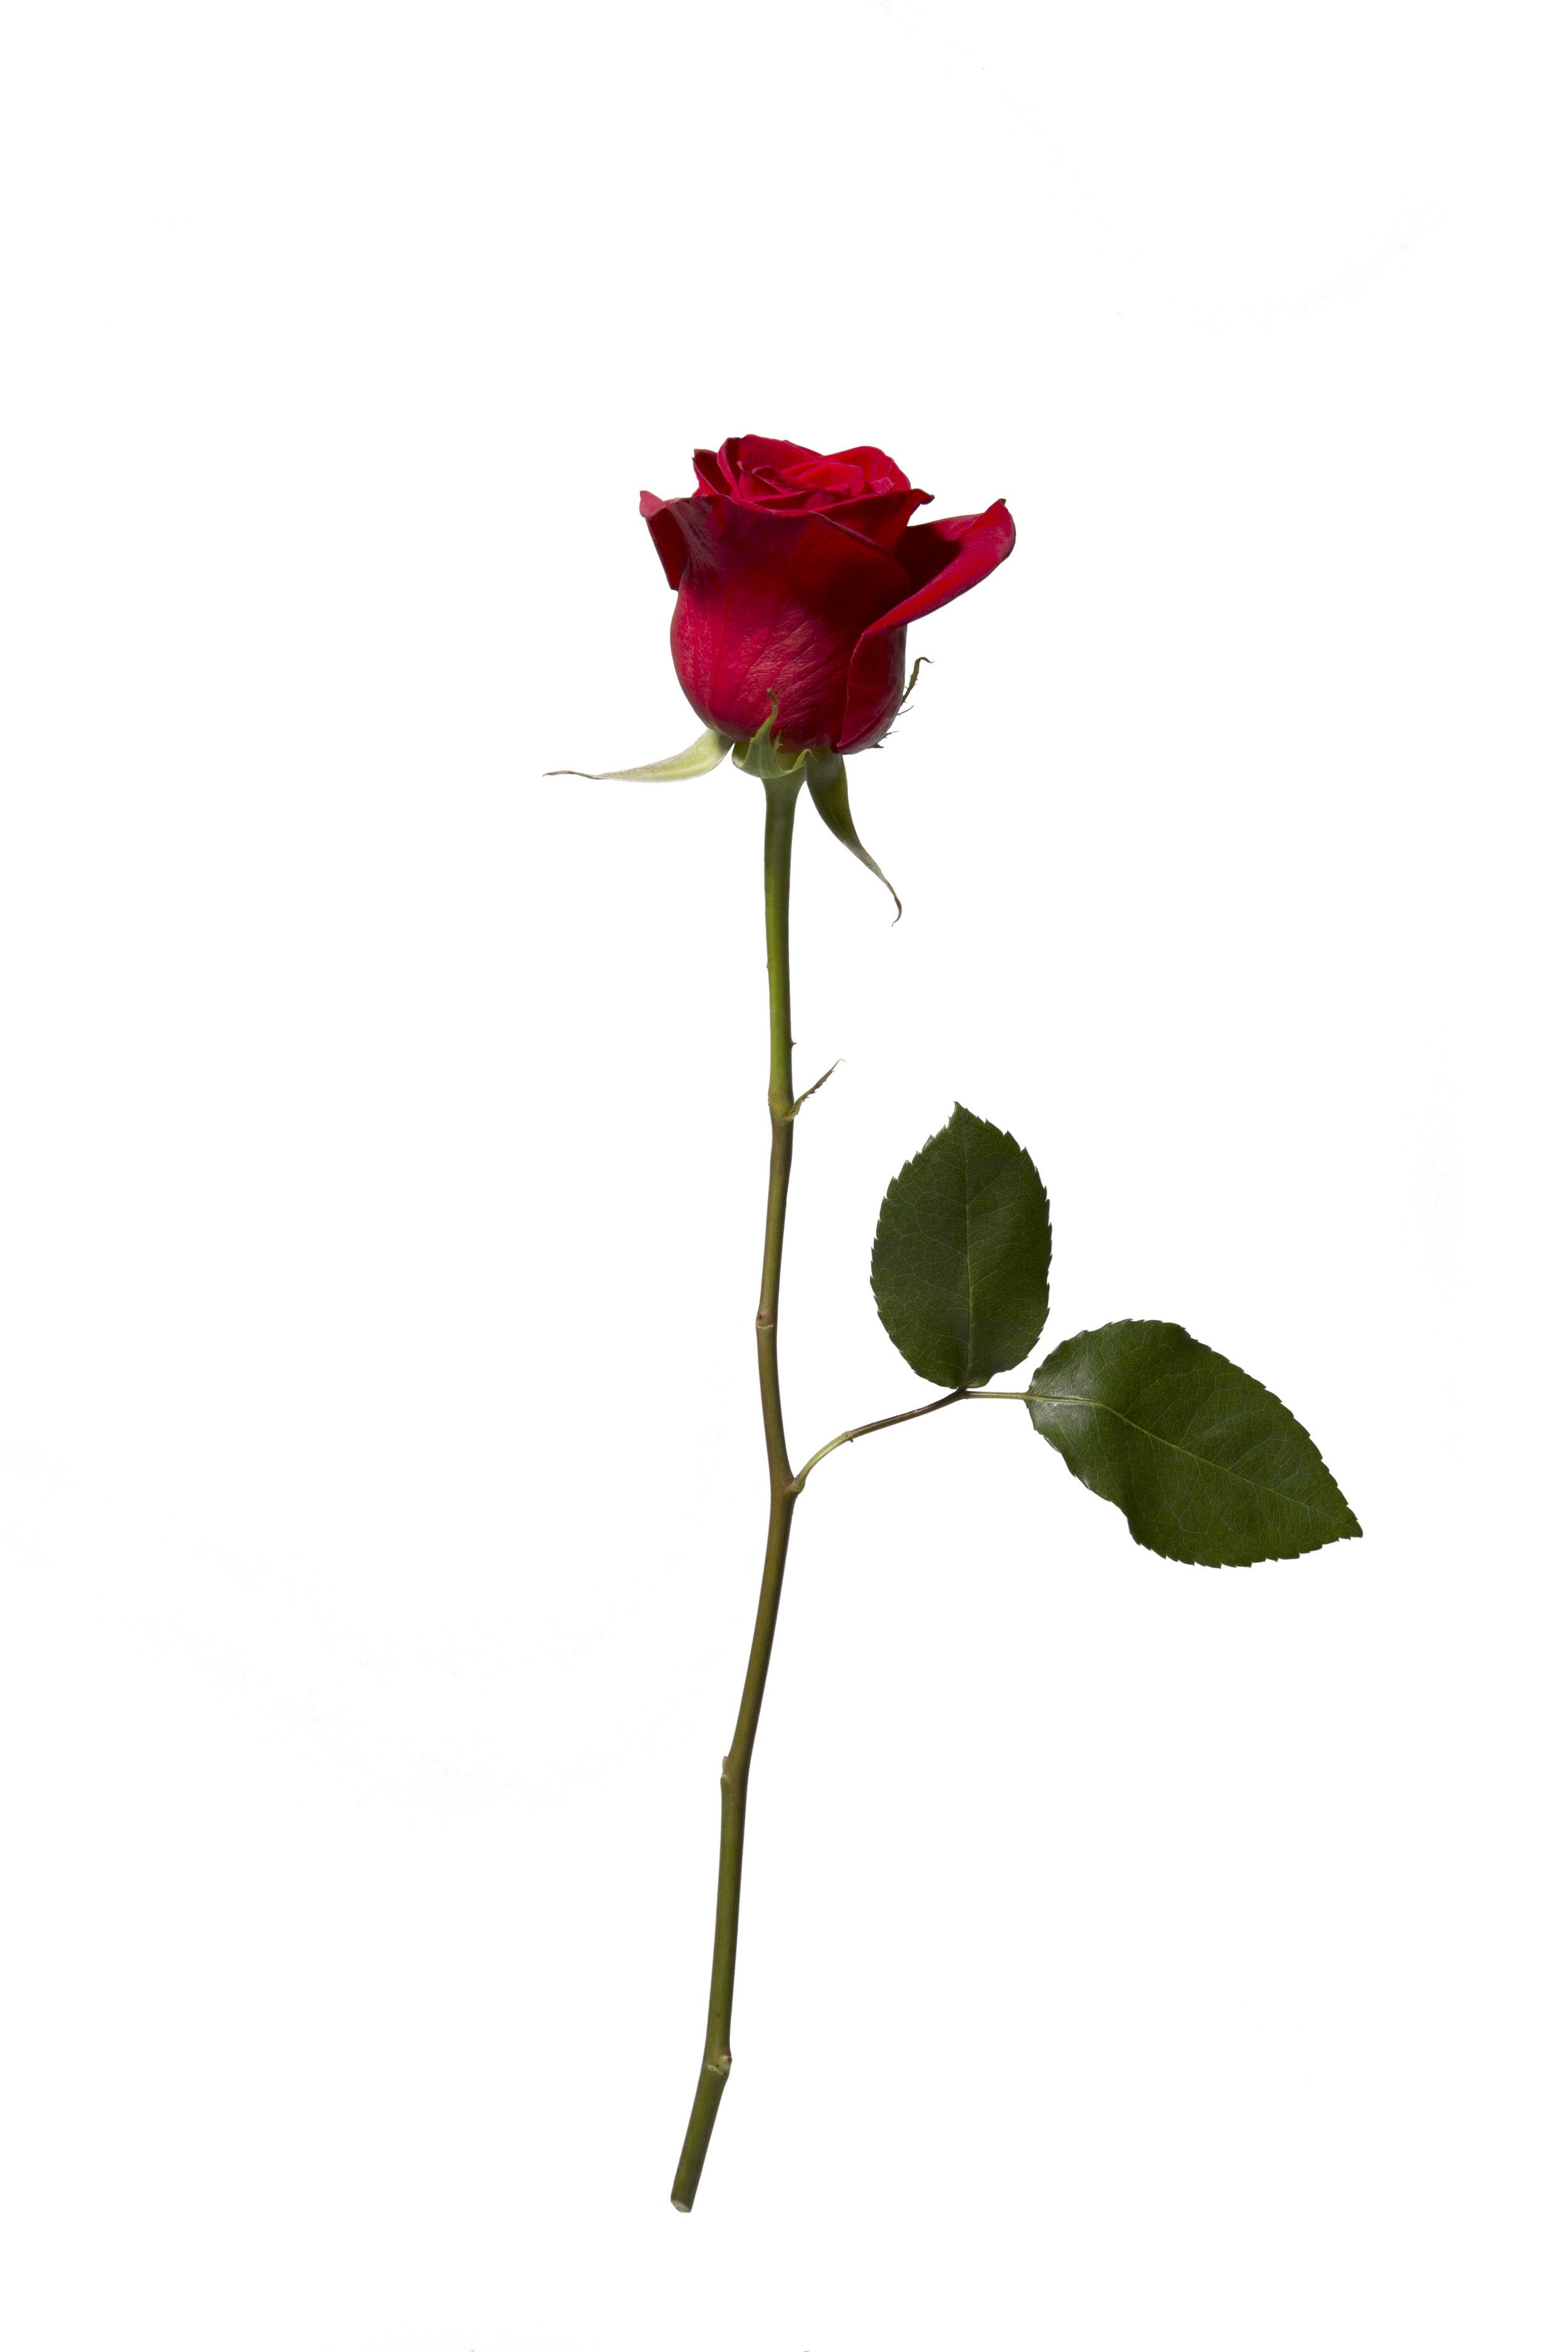 Red Rose I.jpg